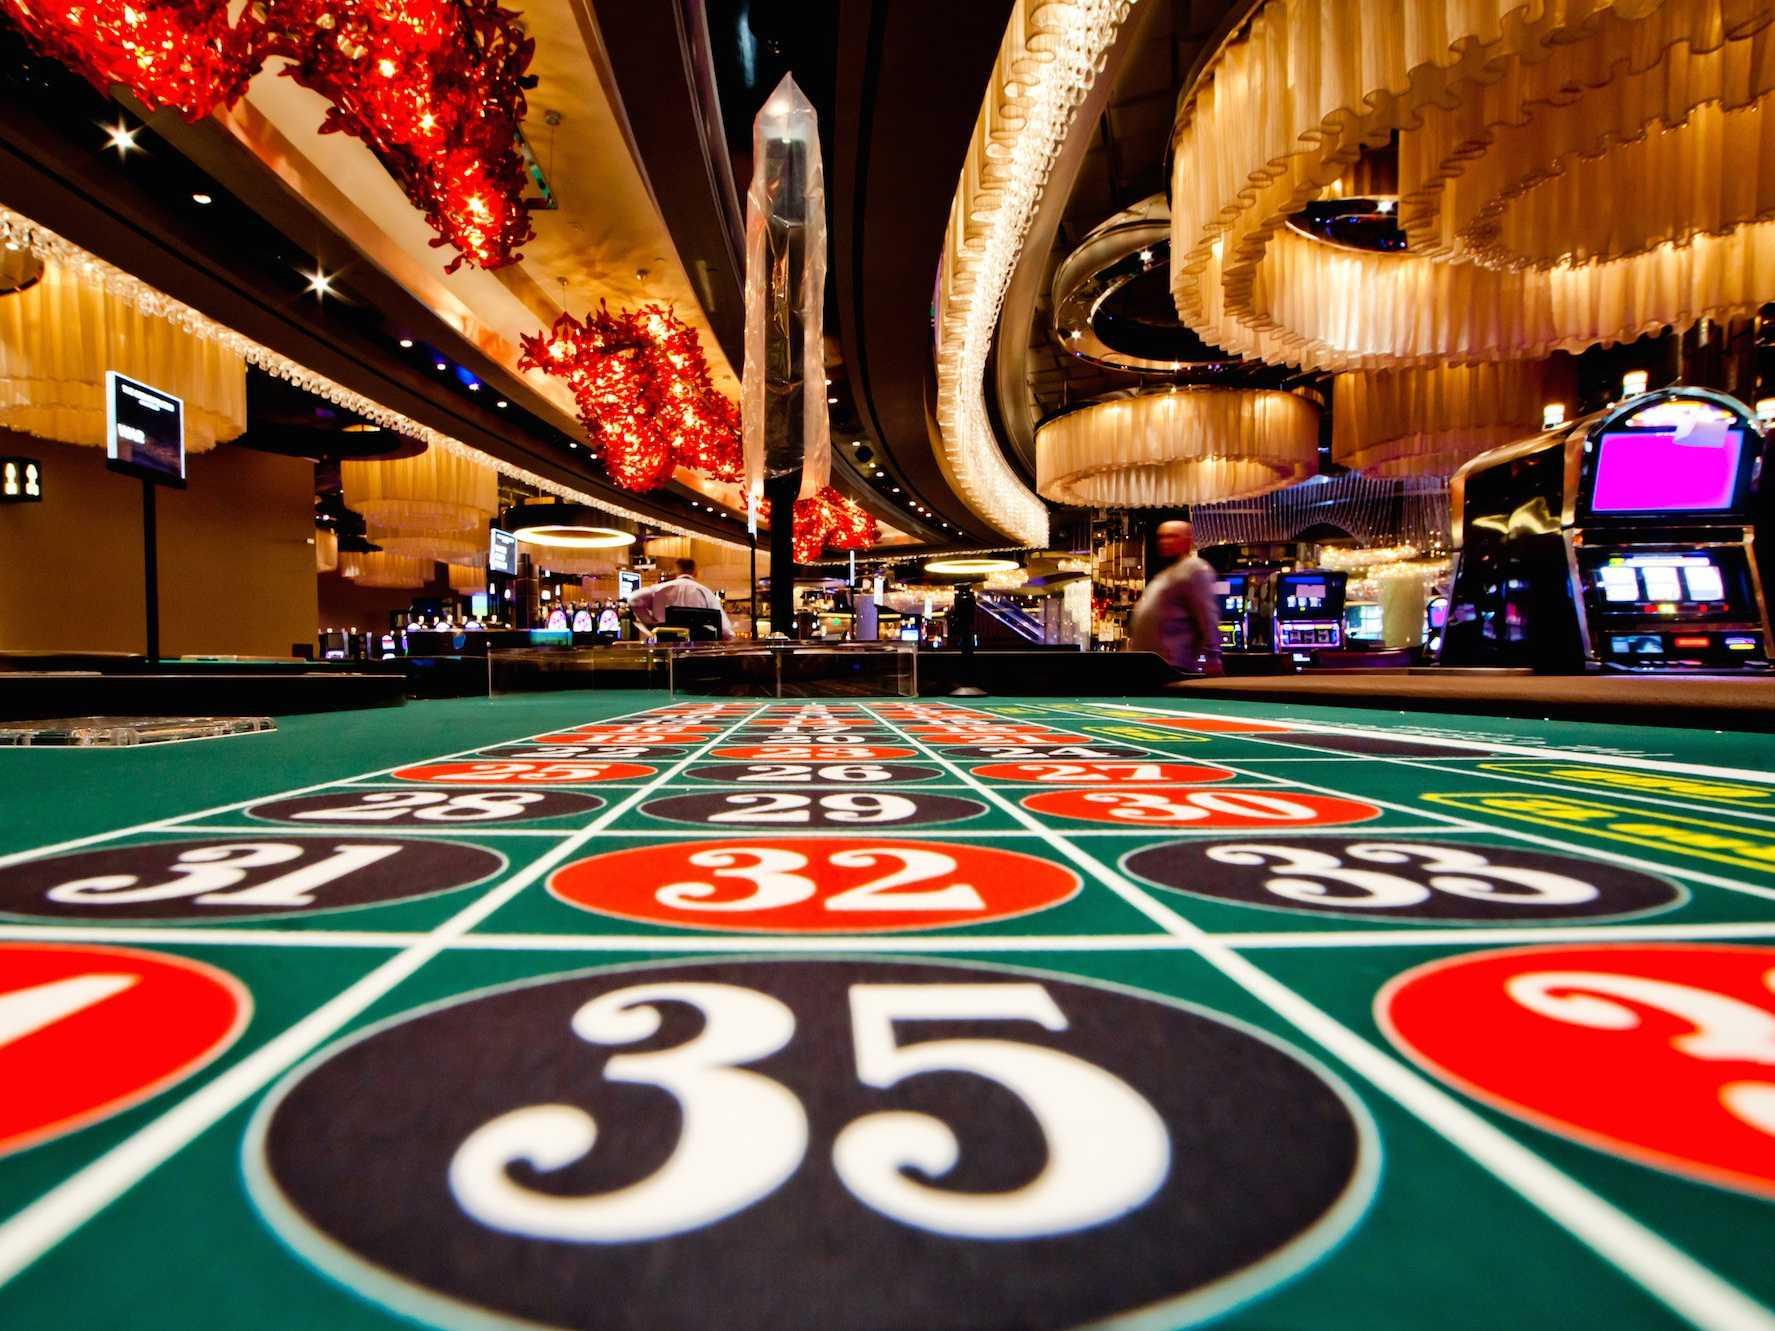 Jeux casino : n'a de virtuel que le nom